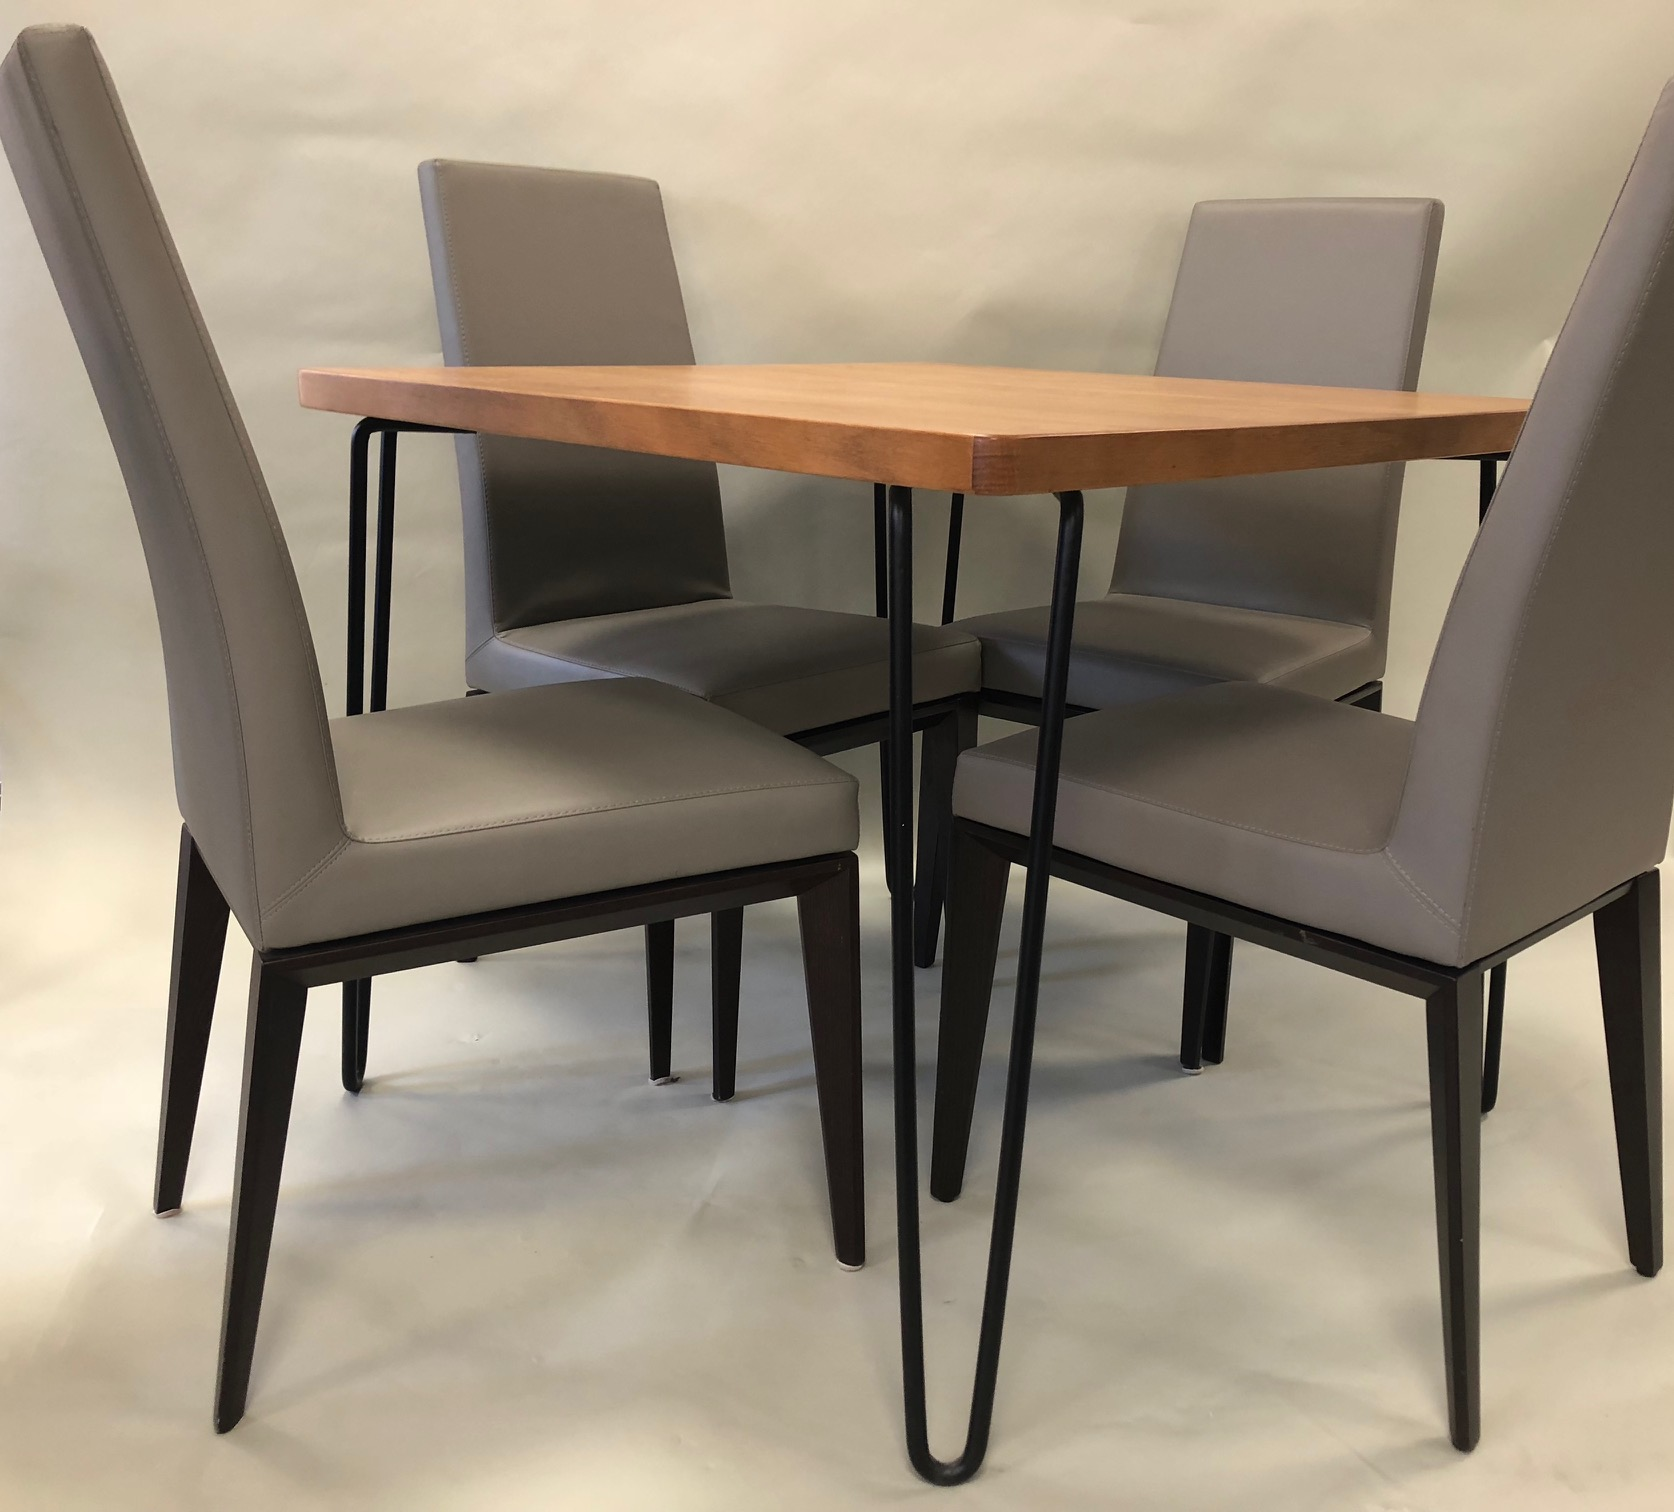 Dining Room Furniture Sales: Ex-Rental Dining Room Sets For Sale In Surrey